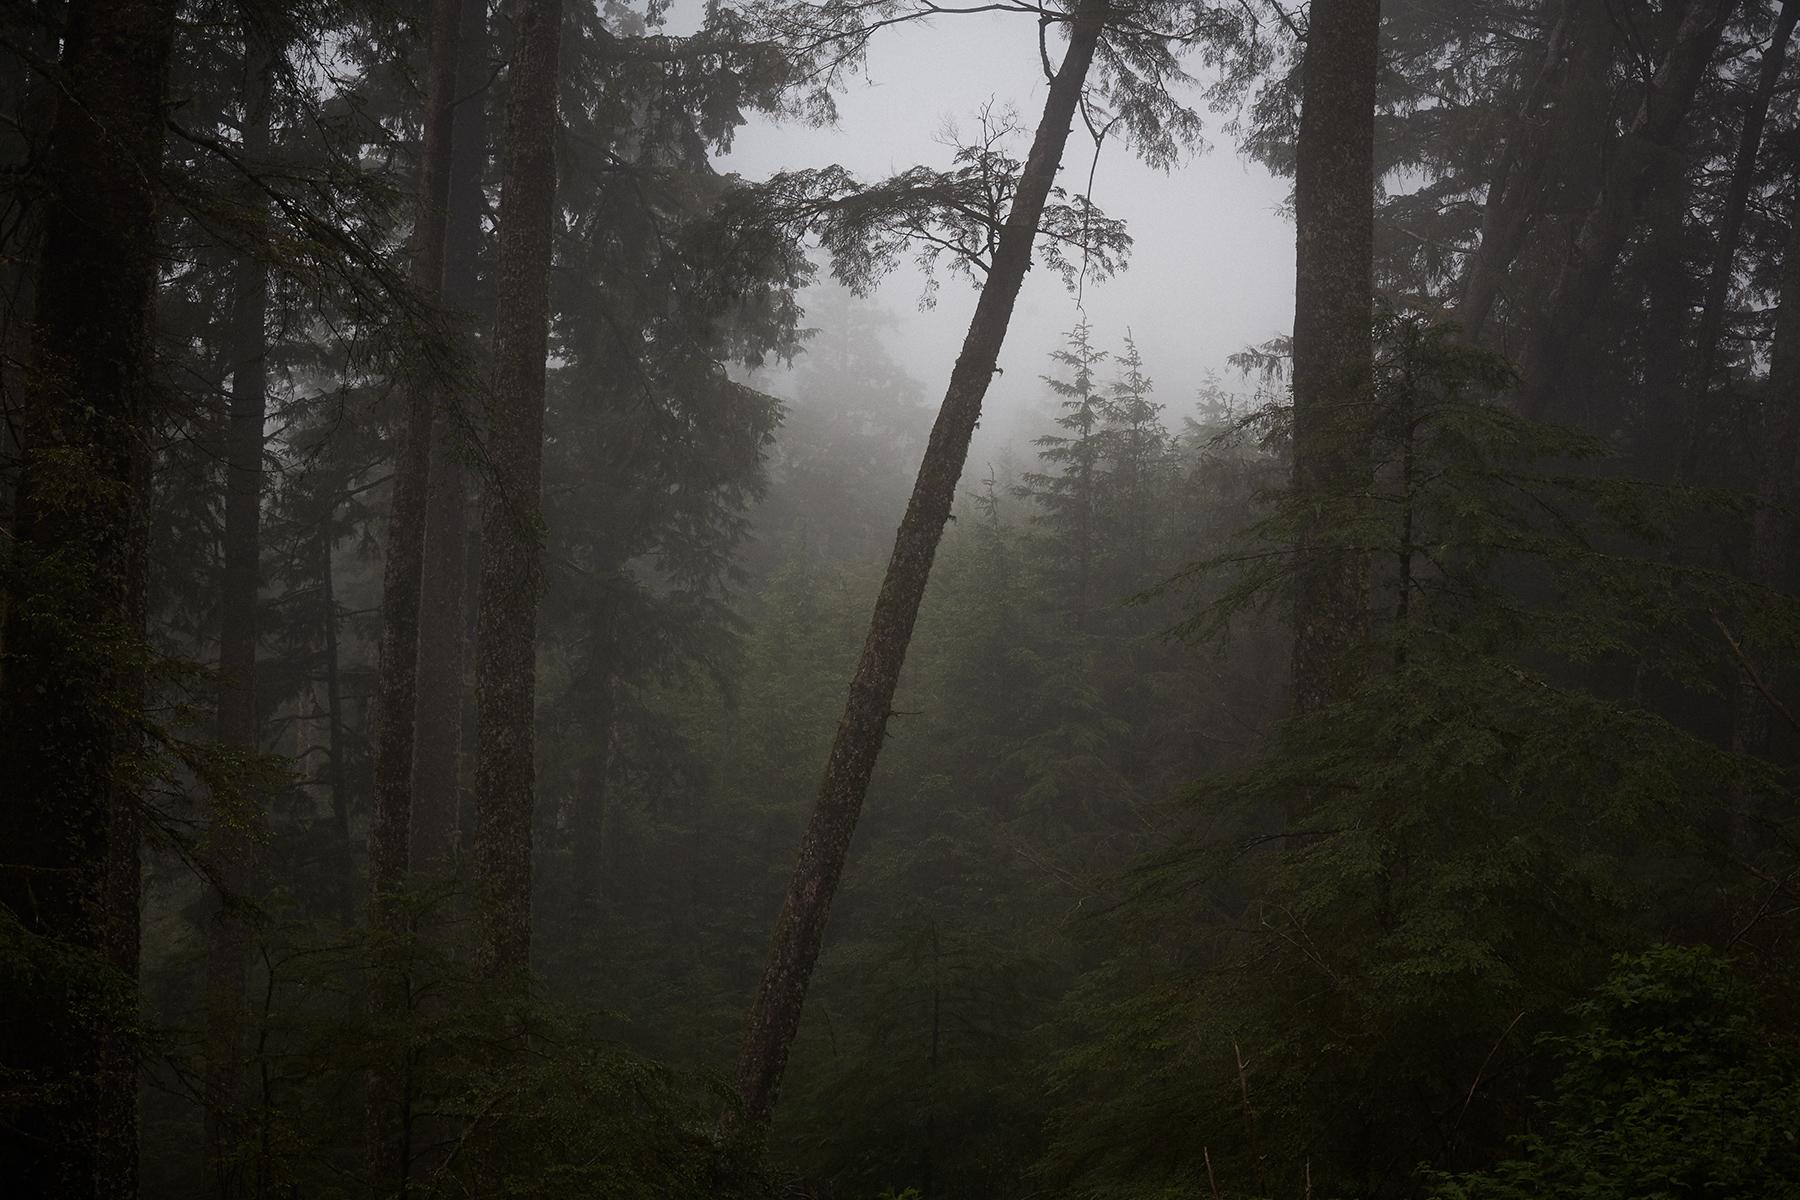 Kehoe_RainForest_MG_1515.jpg